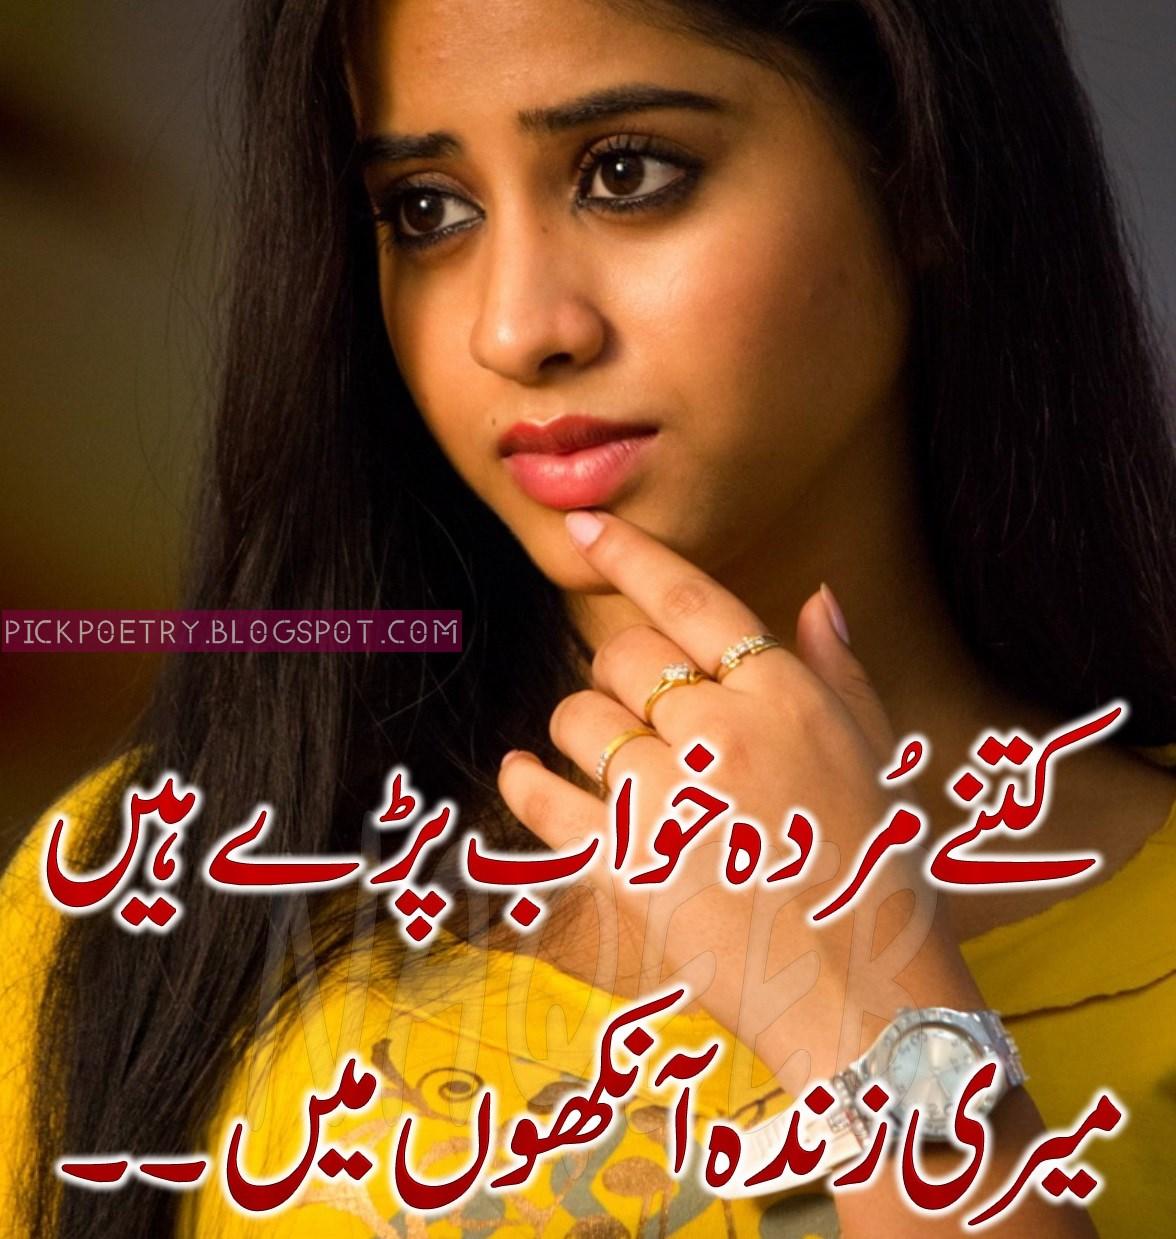 2 Lines Urdu Poetry Pictures in HD | Best Urdu Poetry Pics ...